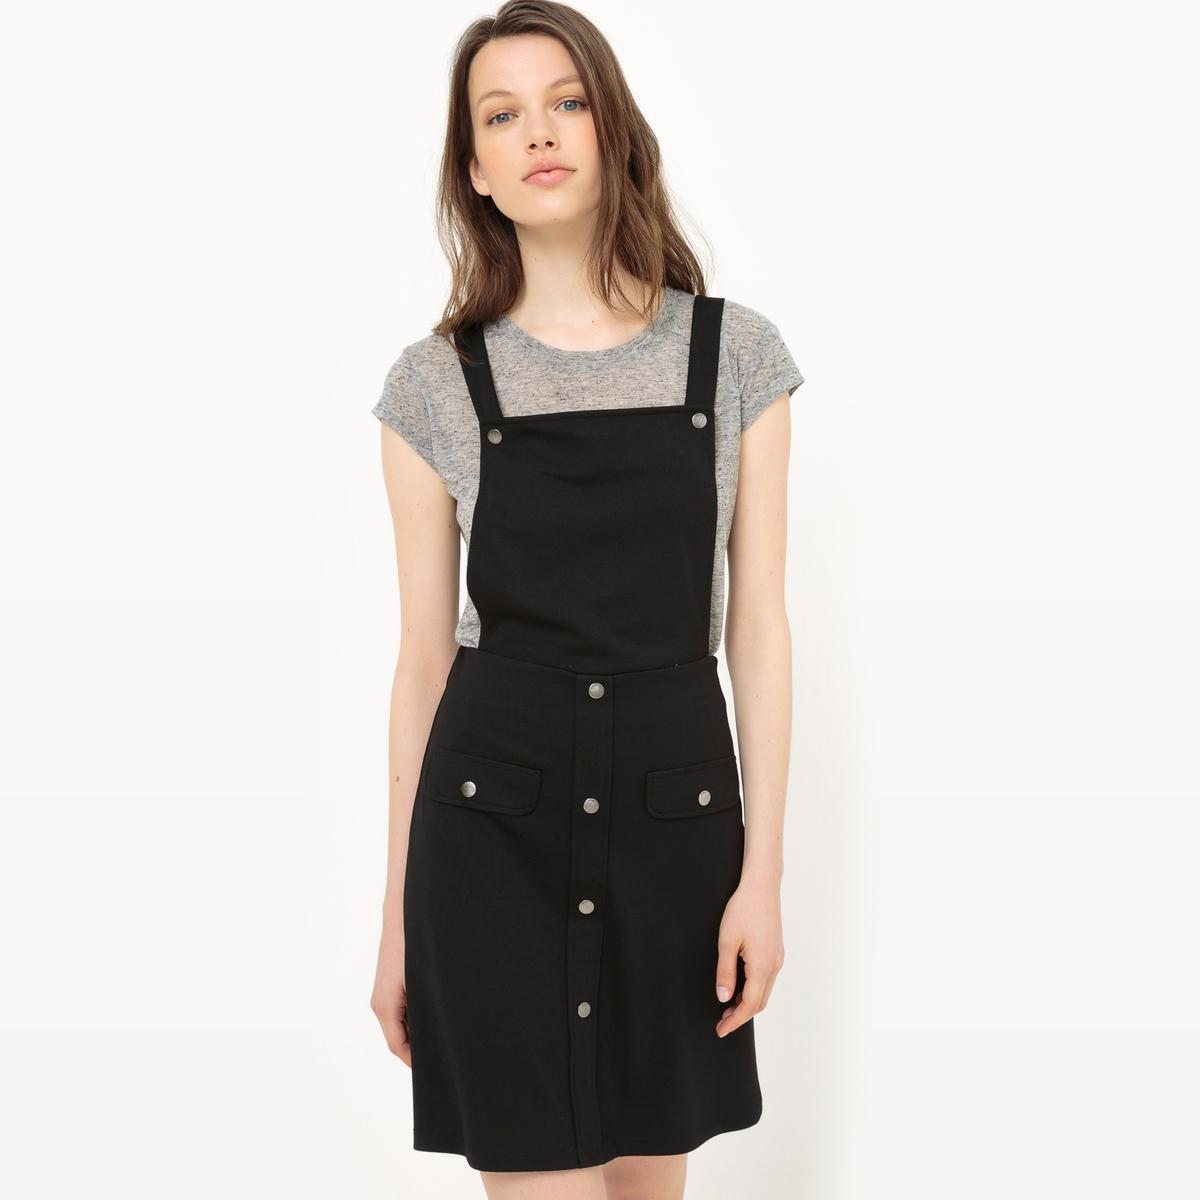 Платье-сарафанМатериал : 30% вискозы, 5% эластана, 65% полиэстера   Длина рукава : тонкие бретели   Форма воротника : без воротника  Покрой платья : платье прямого покроя     Рисунок : однотонная модель Длина платья : короткое<br><br>Цвет: черный<br>Размер: L.S